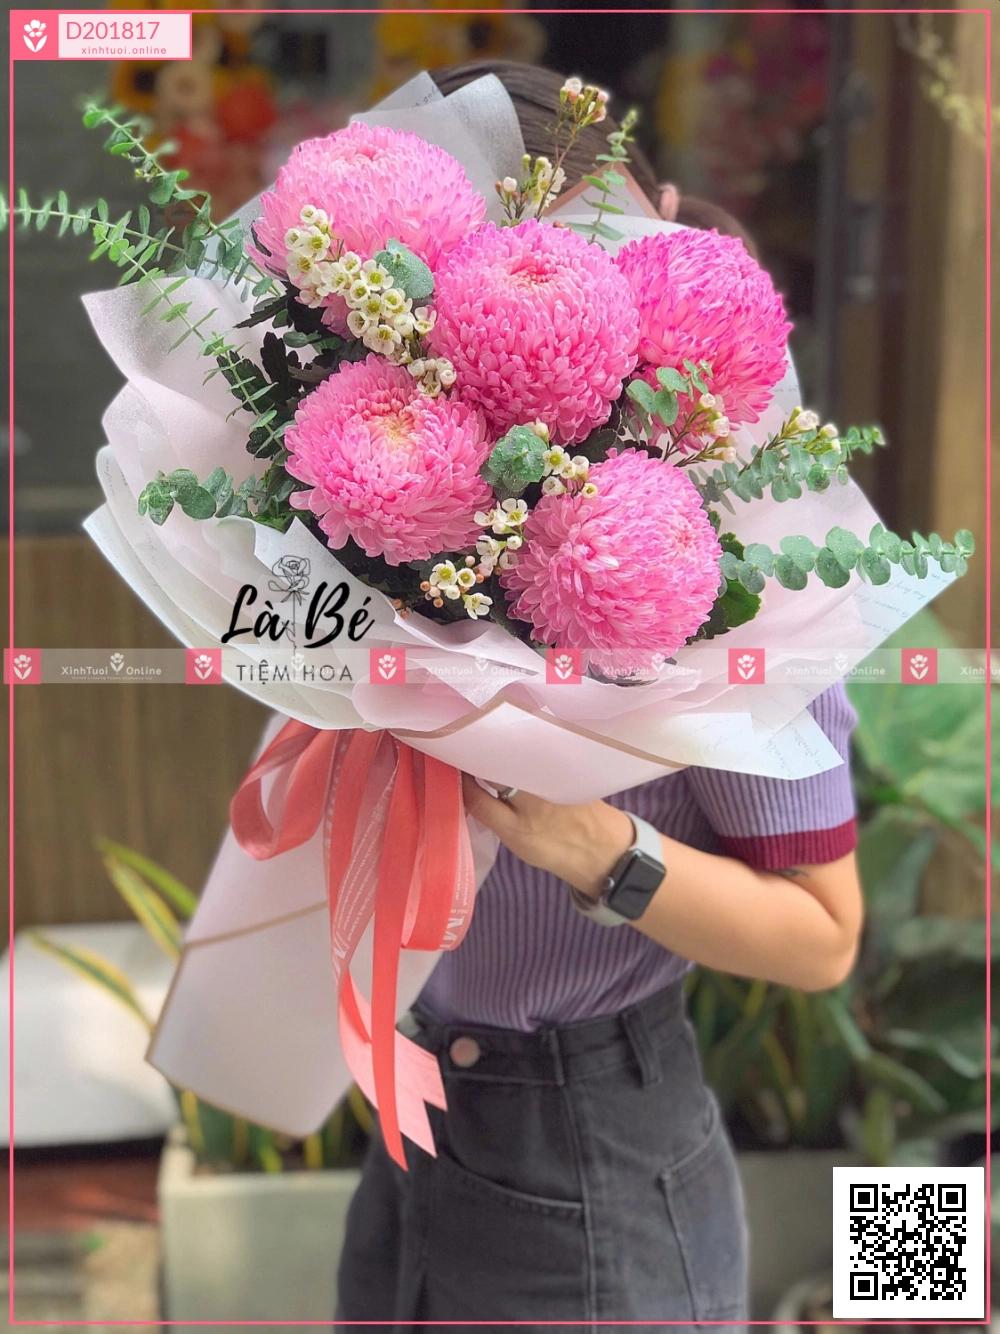 Chung thuỷ - D201817 - xinhtuoi.online